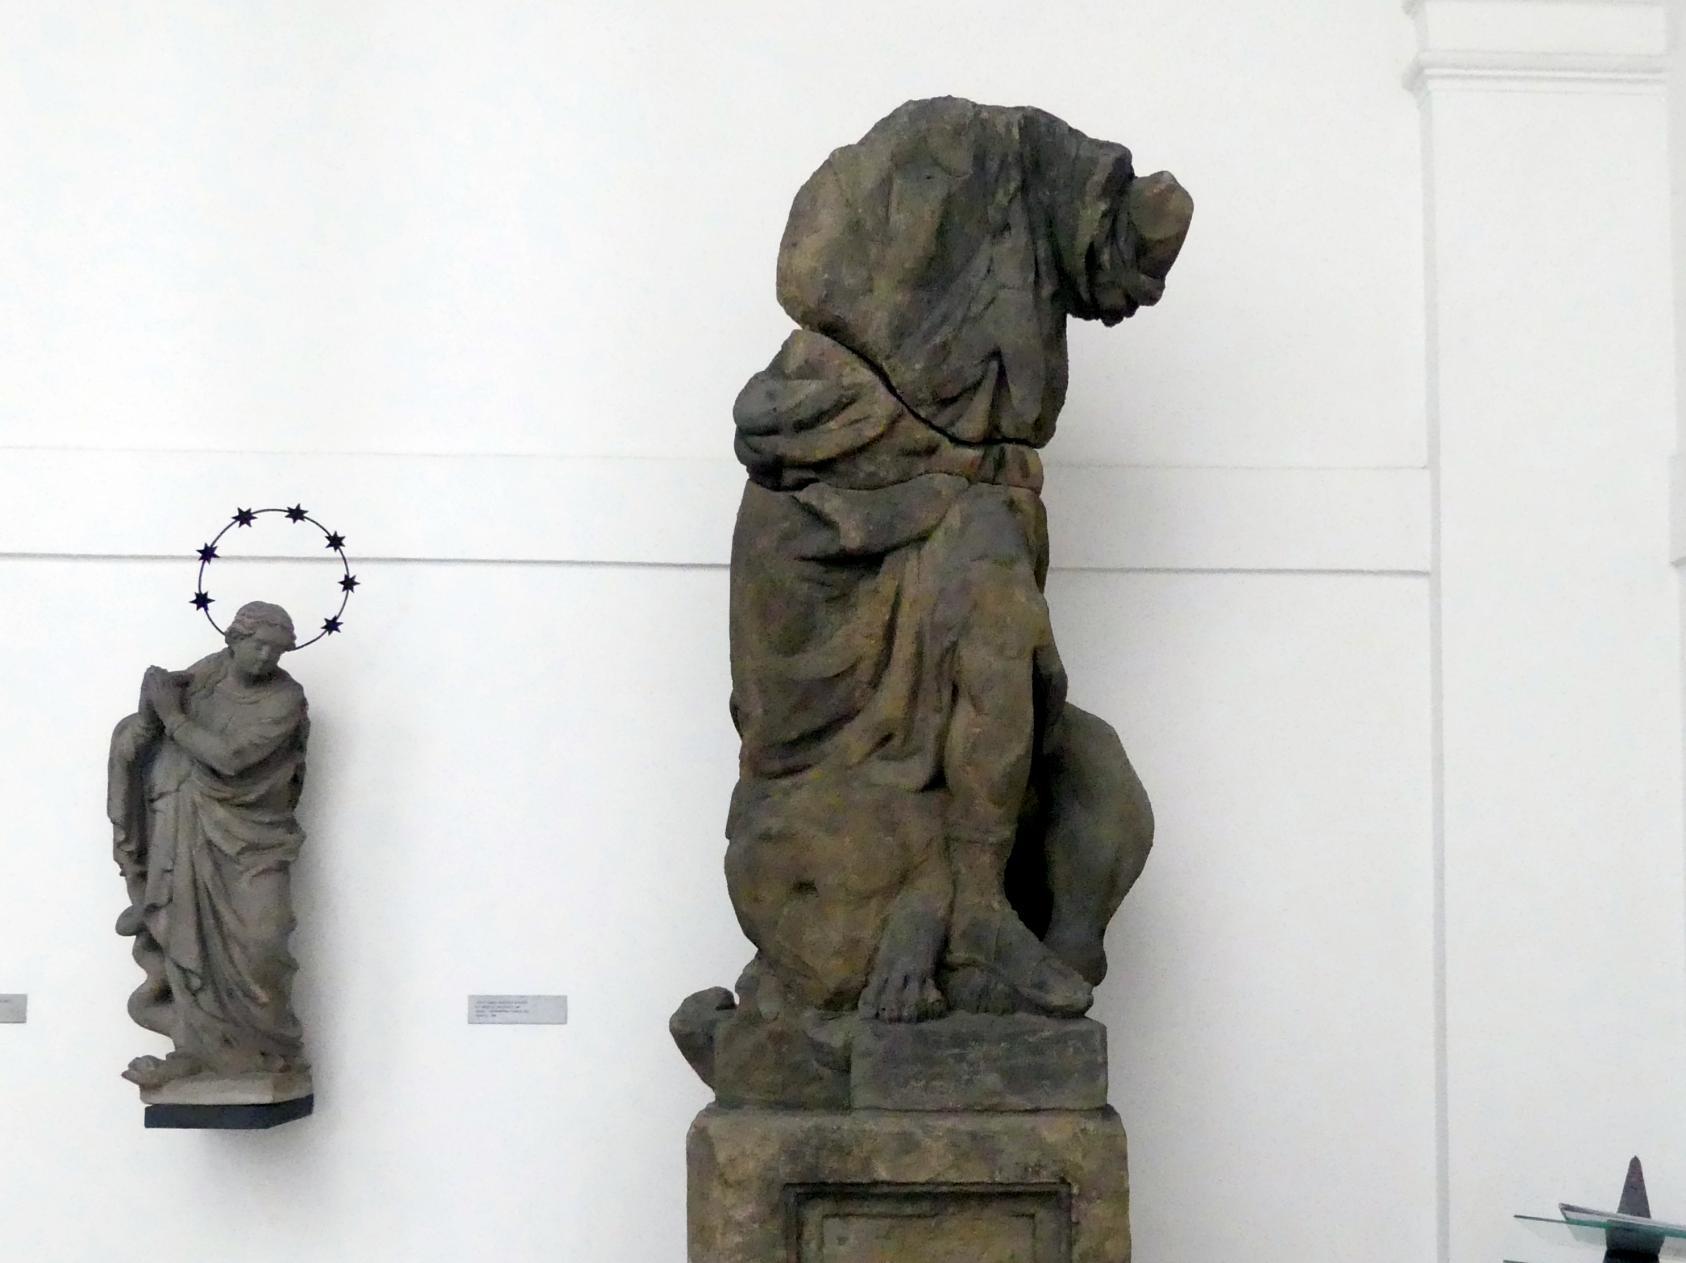 Johann Georg Bendl: Fragment der Mariensäule auf dem Altstädter Ring: ein Engel, der mit einem Drachen kämpft, 1650